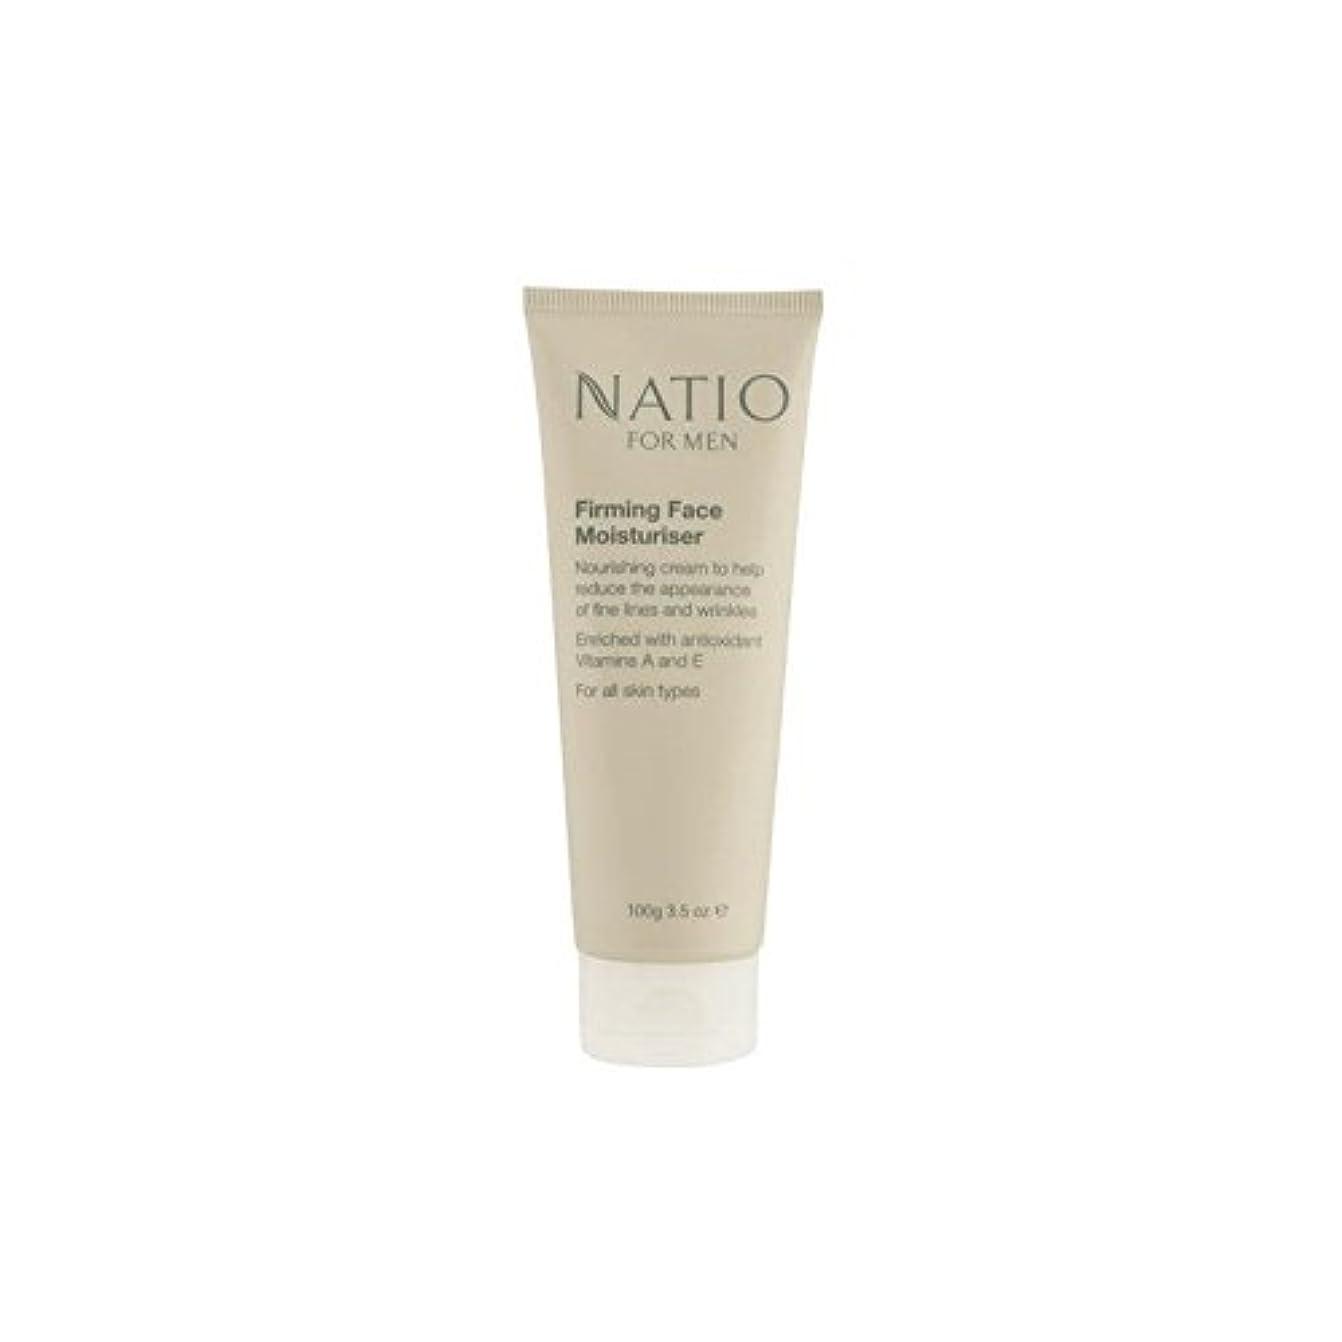 酸化物分析的な知覚できるNatio For Men Firming Face Moisturiser (100G) - 顔の保湿剤を引き締め男性のための(100グラム) [並行輸入品]